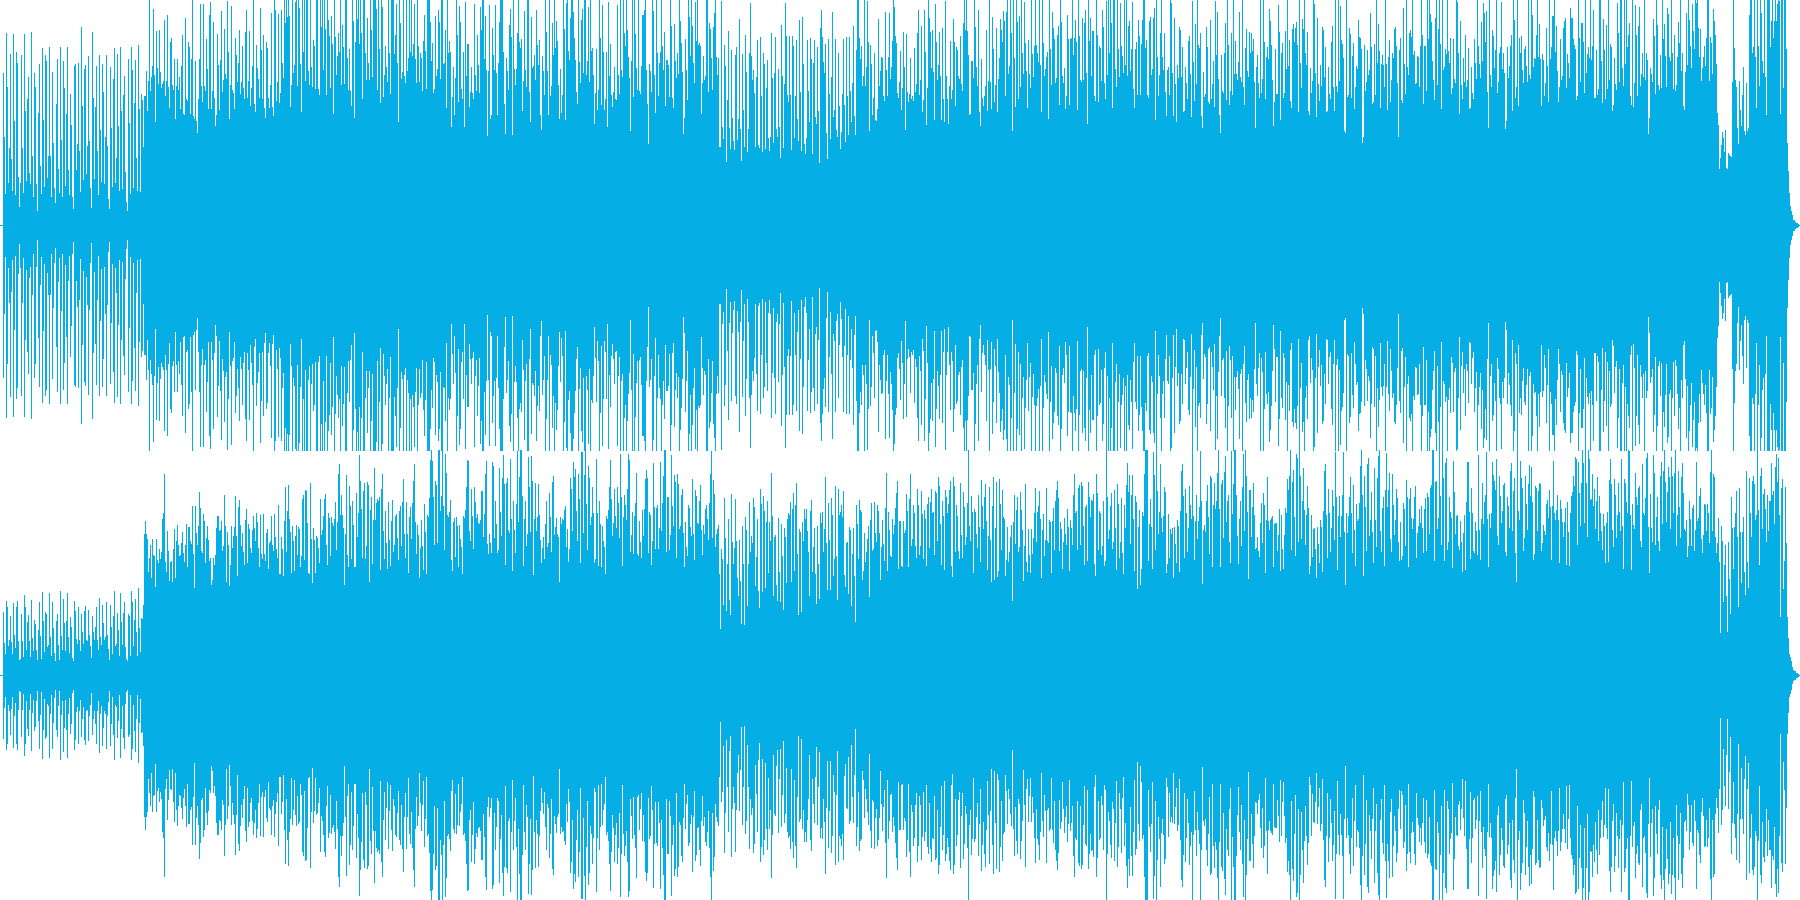 緊張感のあるオーケルトラ戦闘曲の再生済みの波形